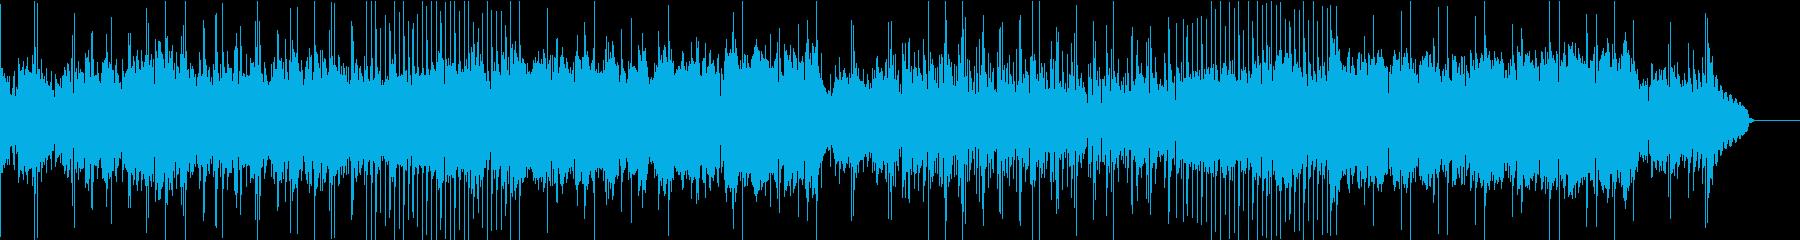 哀愁あるトランペットとsaxのJpopの再生済みの波形